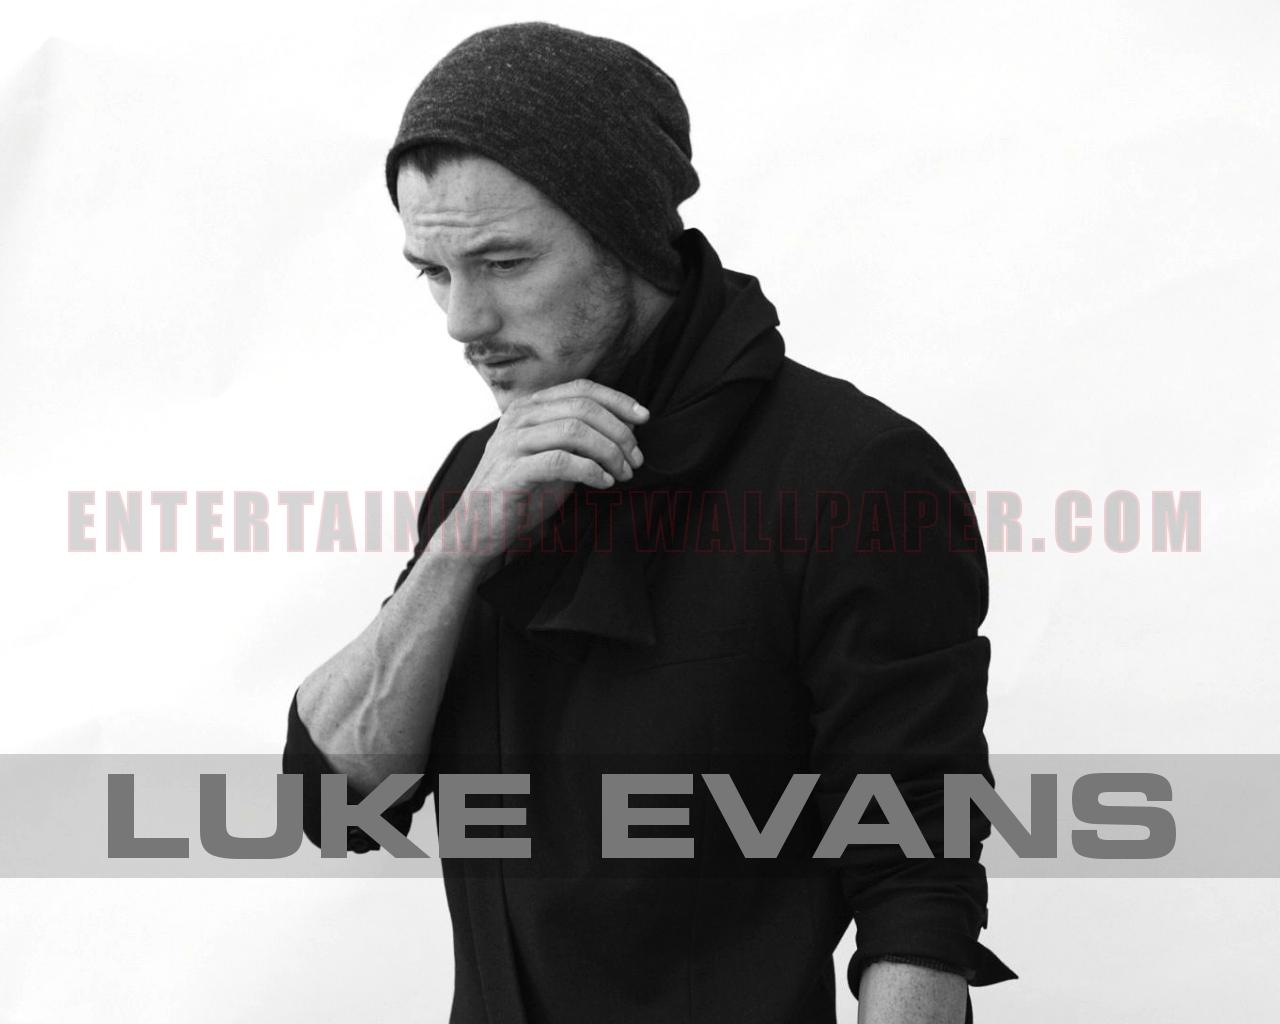 Luke Evans Wallpaper 1280x1024